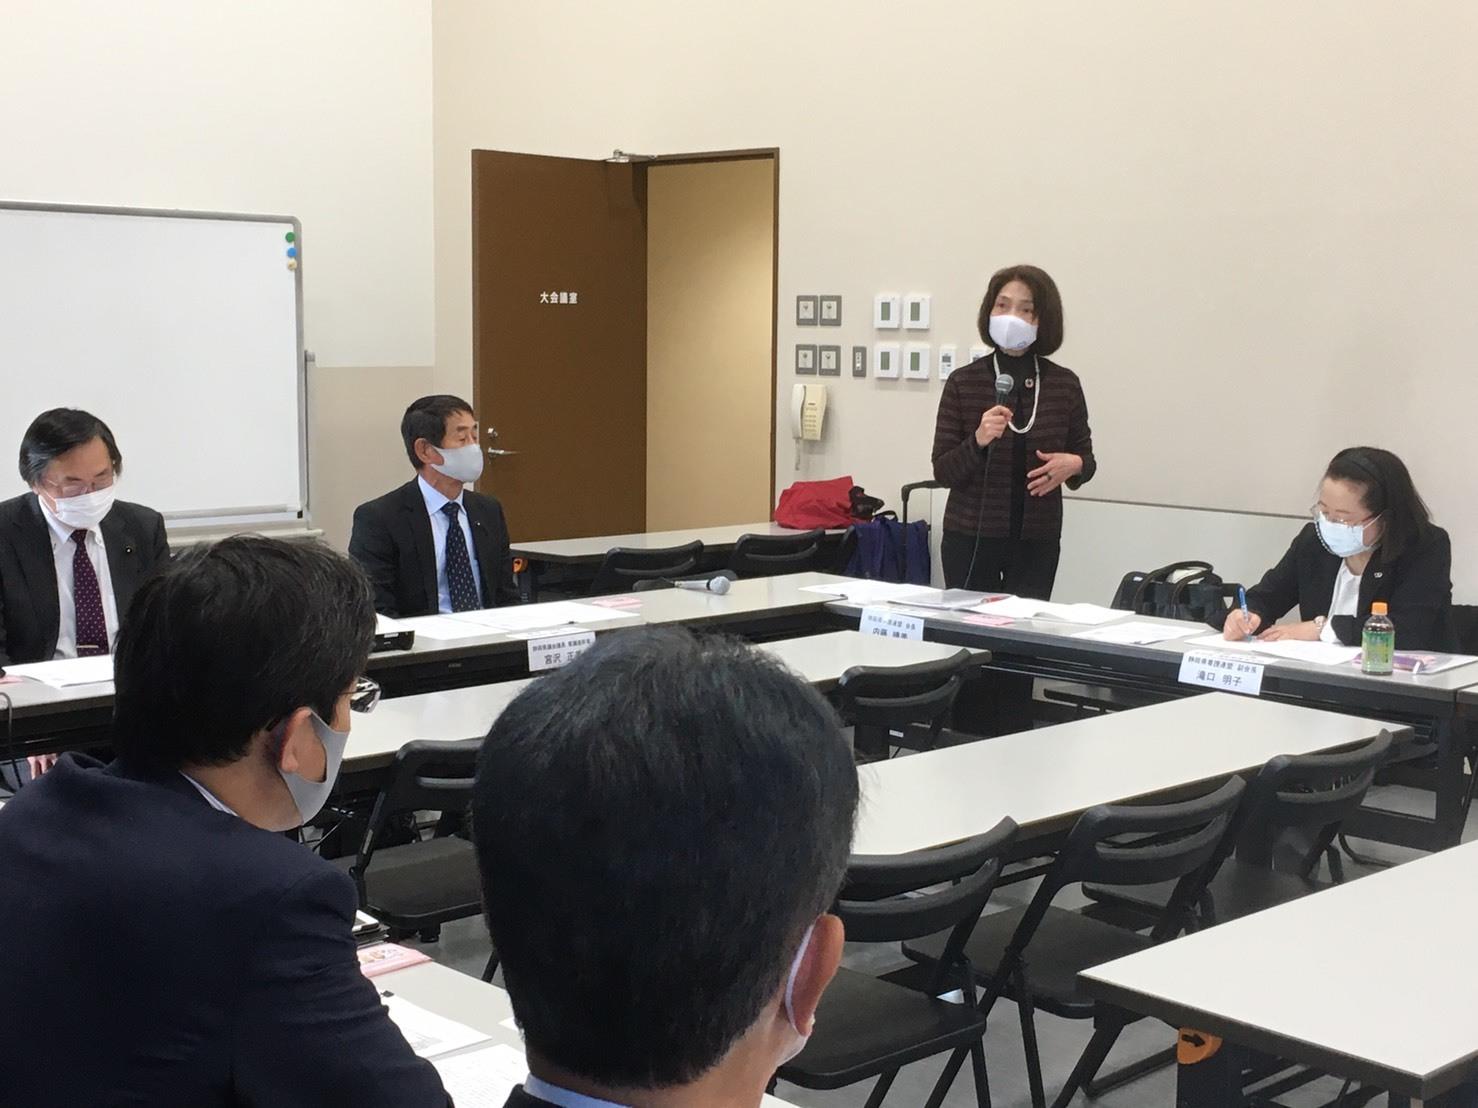 静岡県看護連盟との意見交換会「医療現場の課題・今後の展望」_d0050503_20475157.jpg